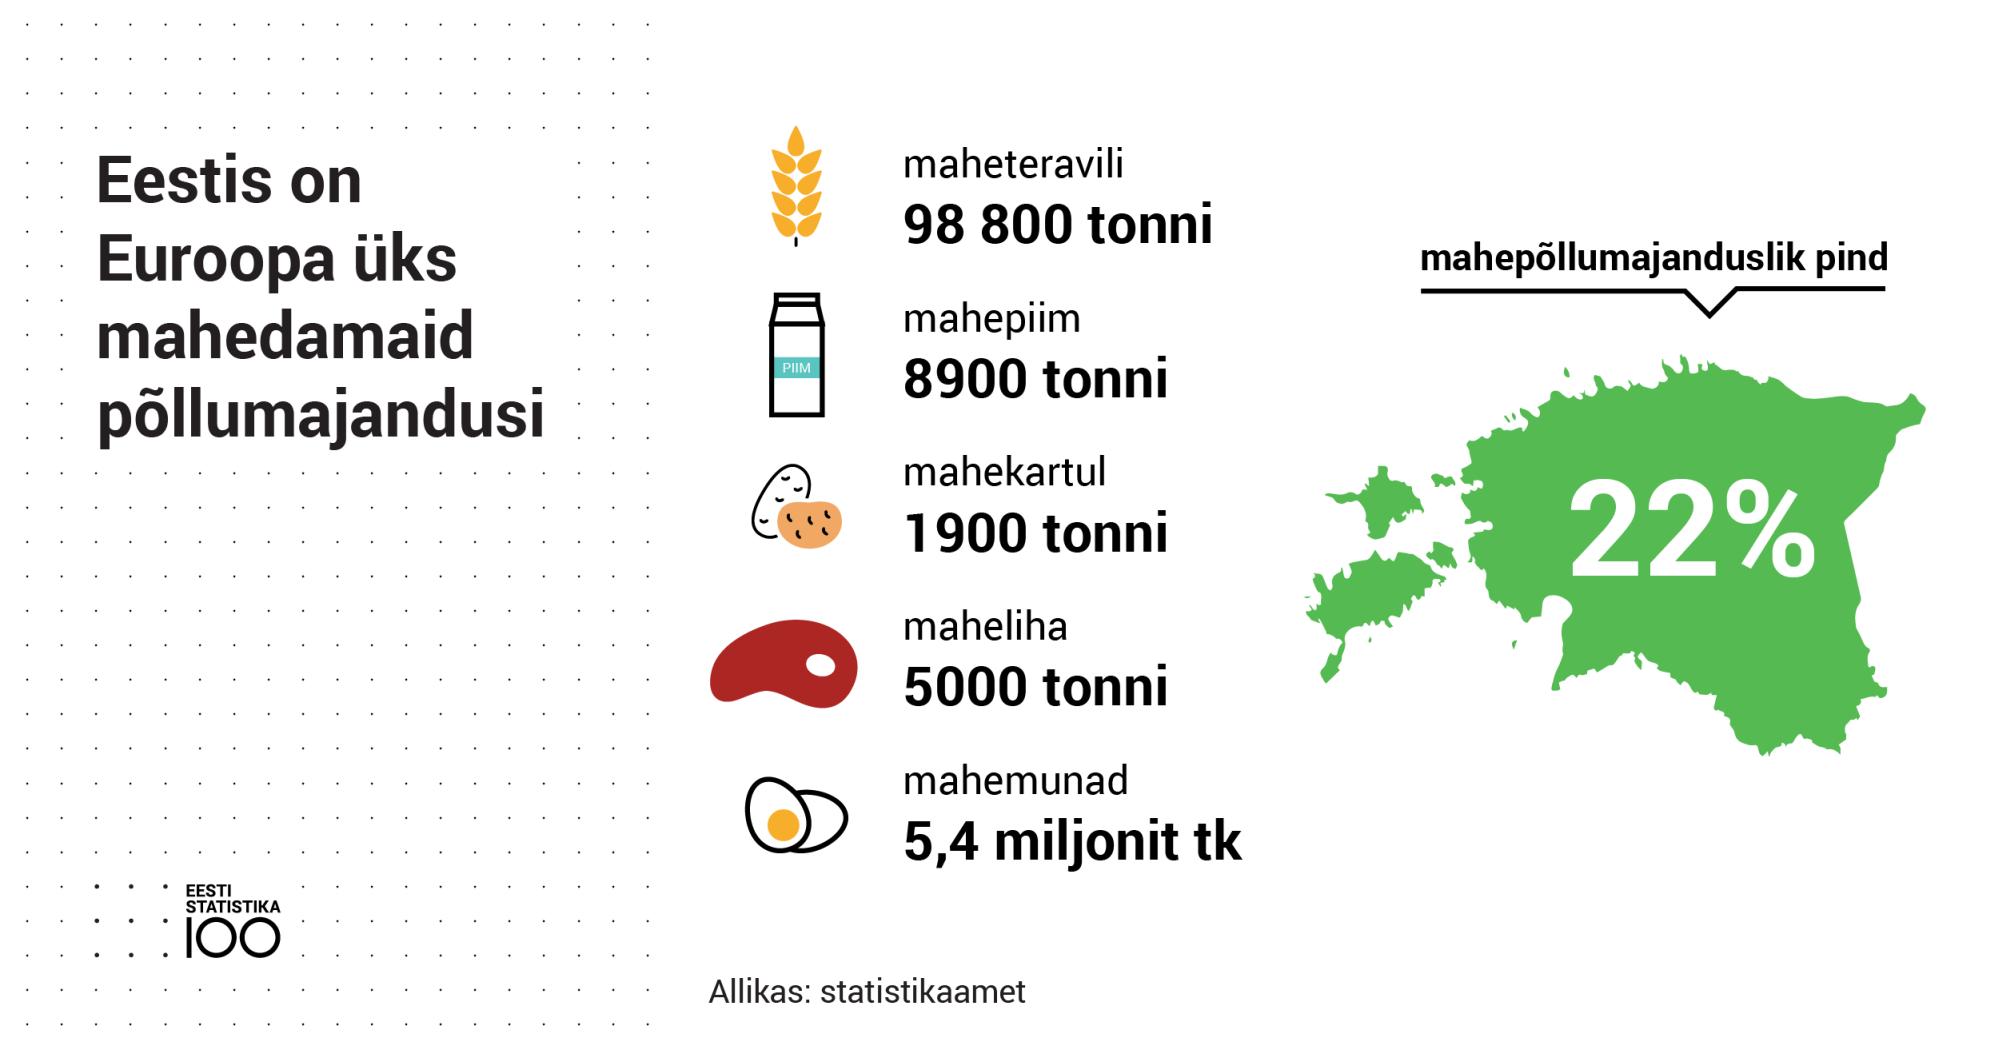 Eestis on Euroopa üks mahedamaid põllumajandusi